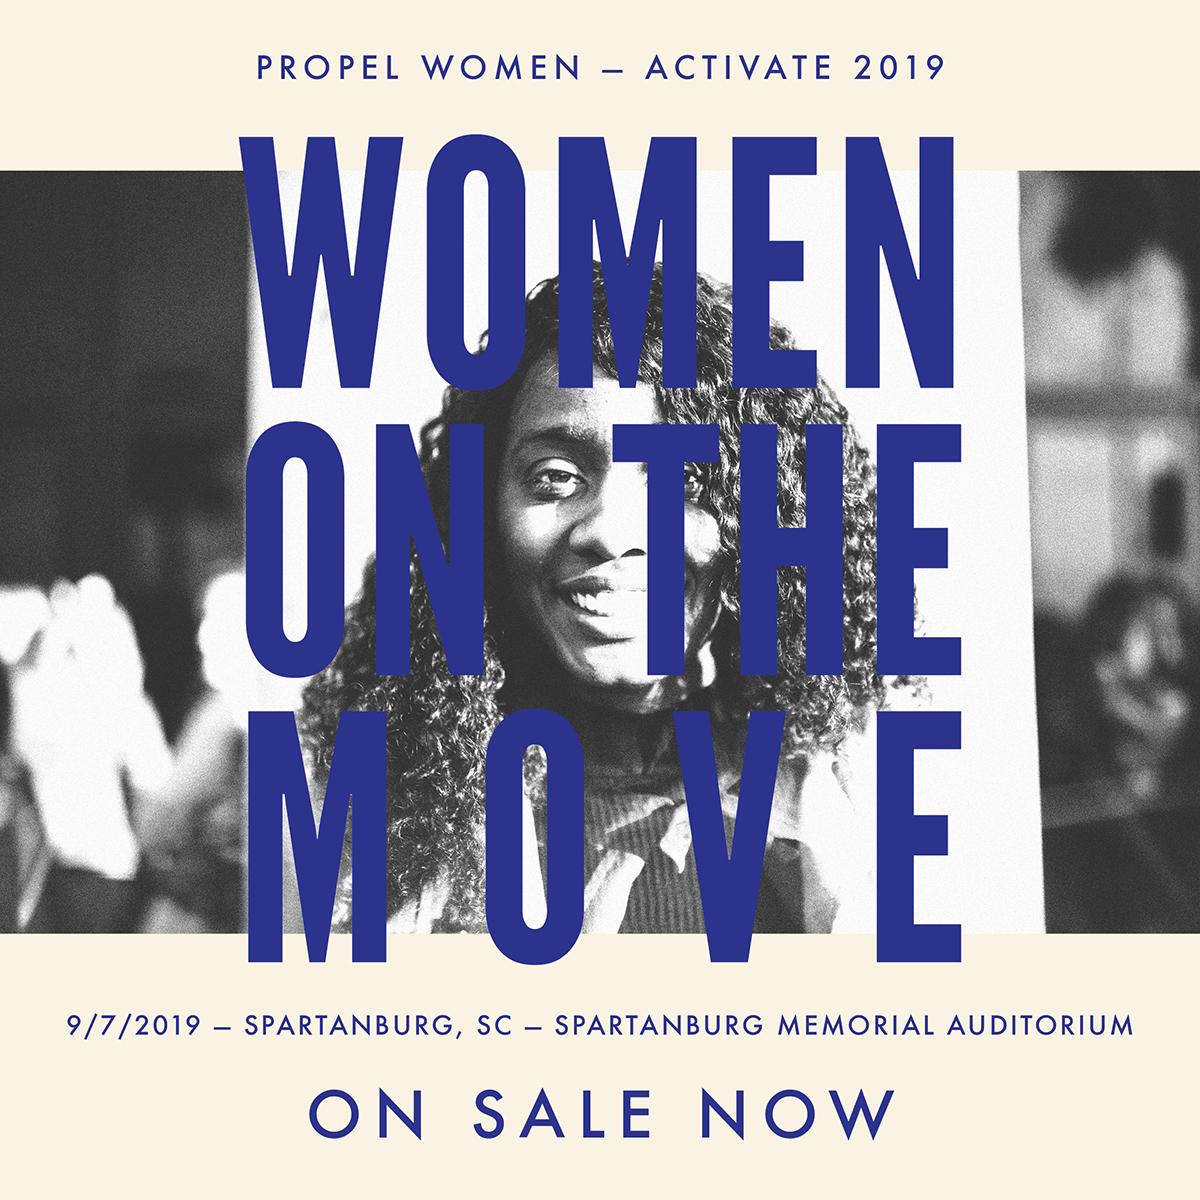 Propel Women - Activate 2019